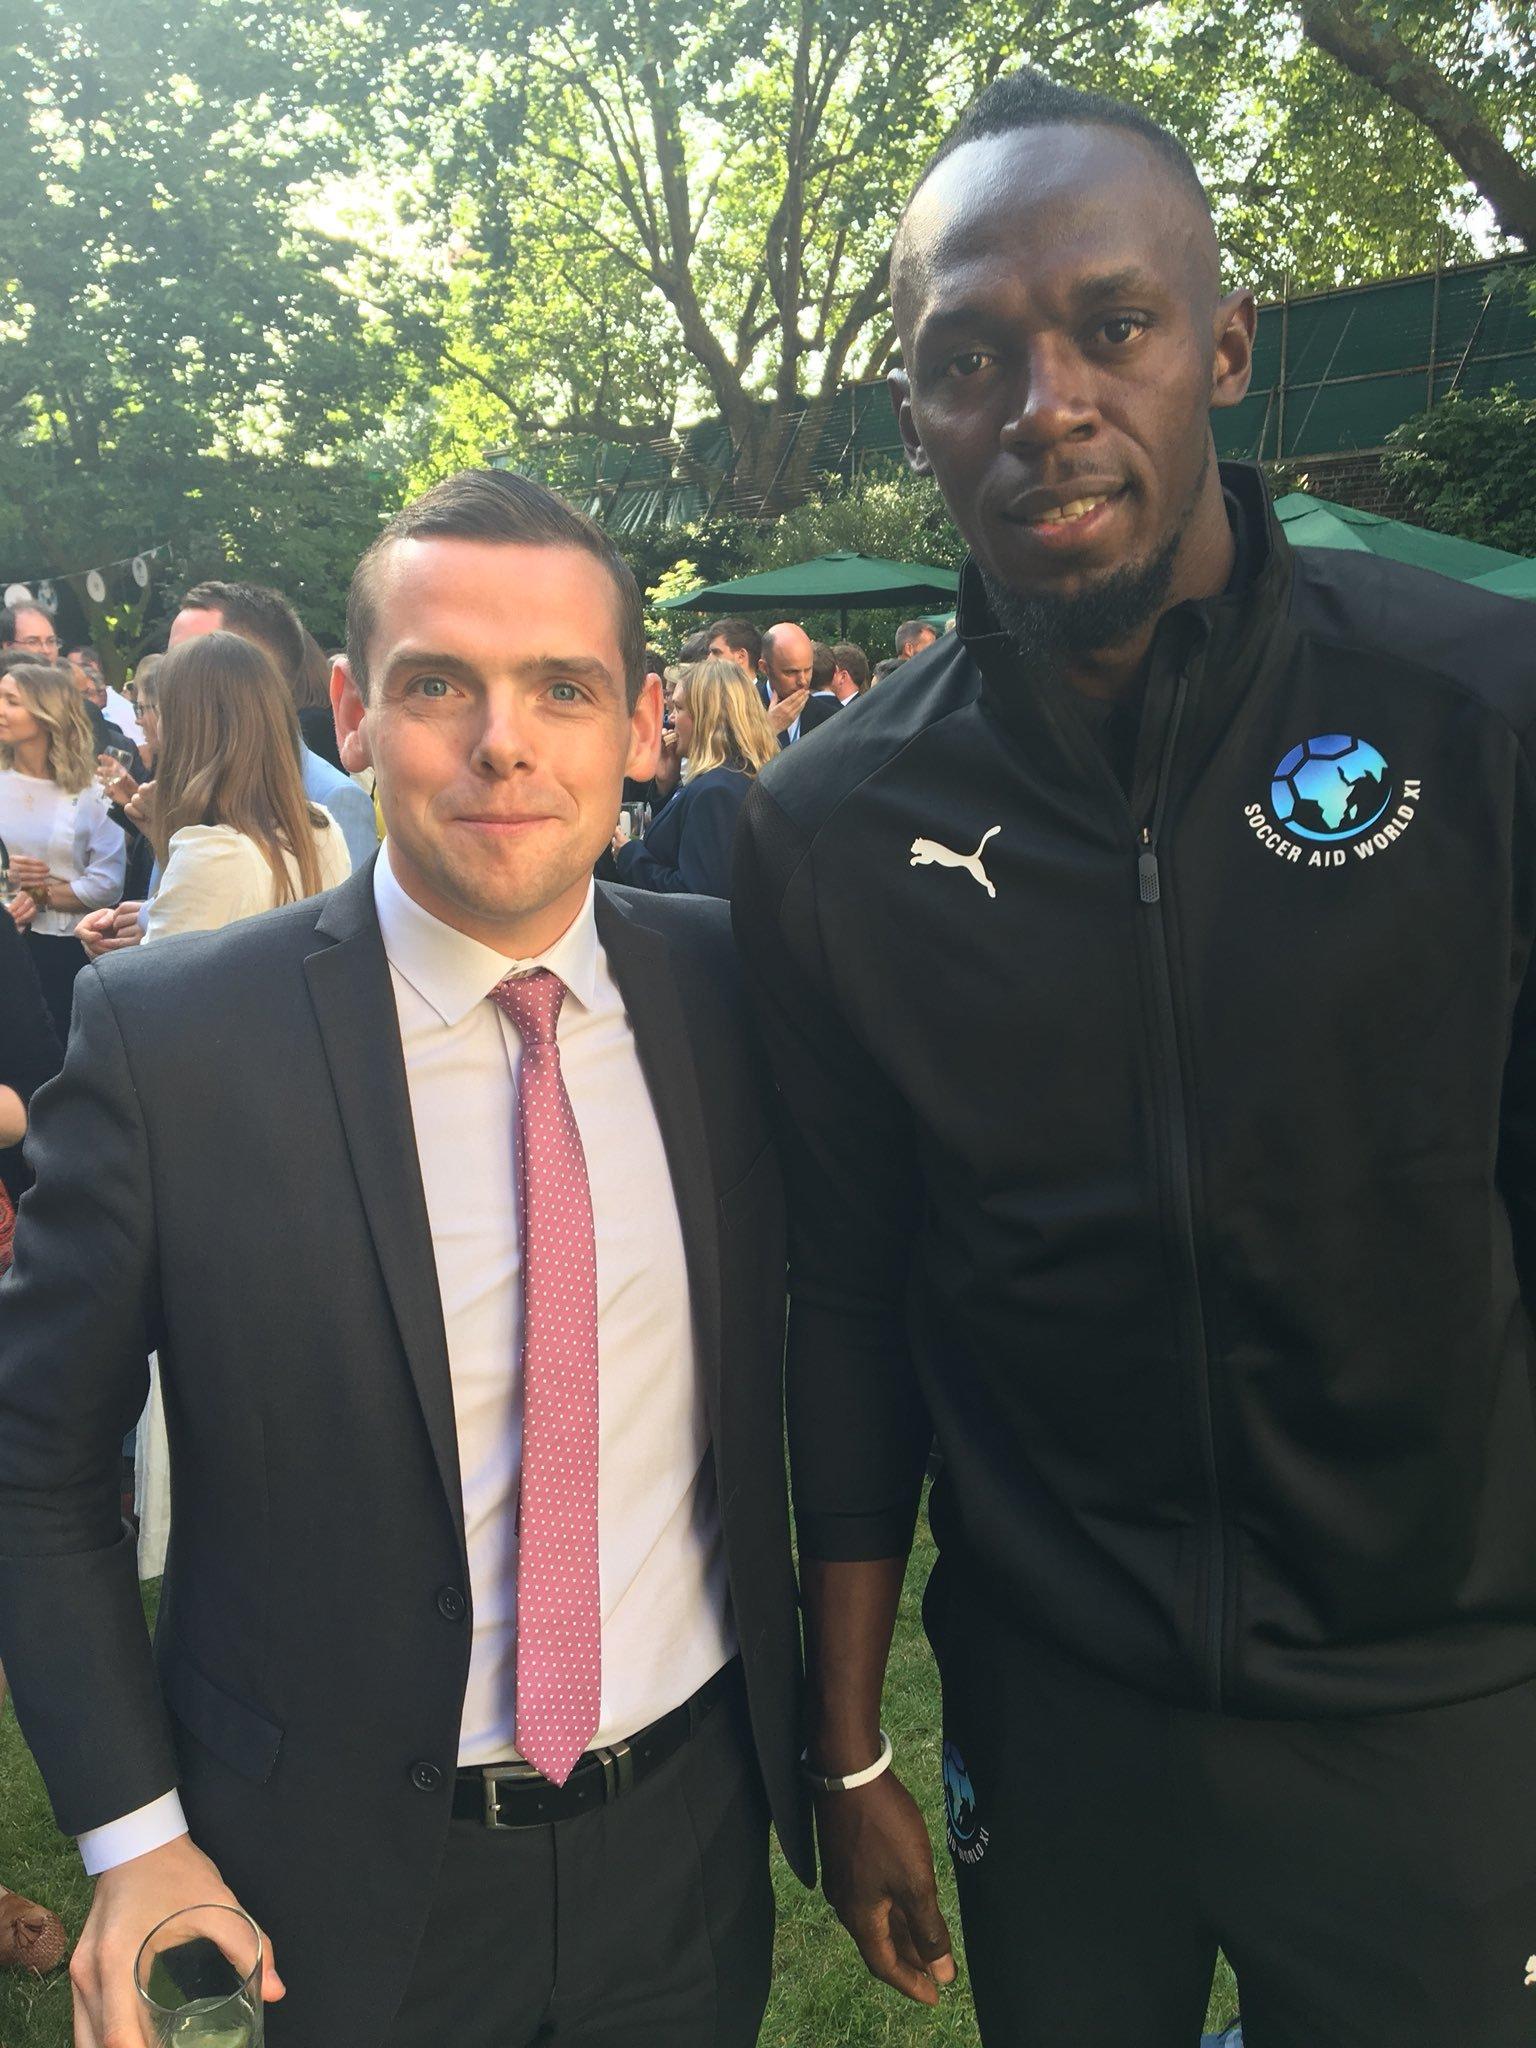 MP Douglas Ross with Usain Bolt